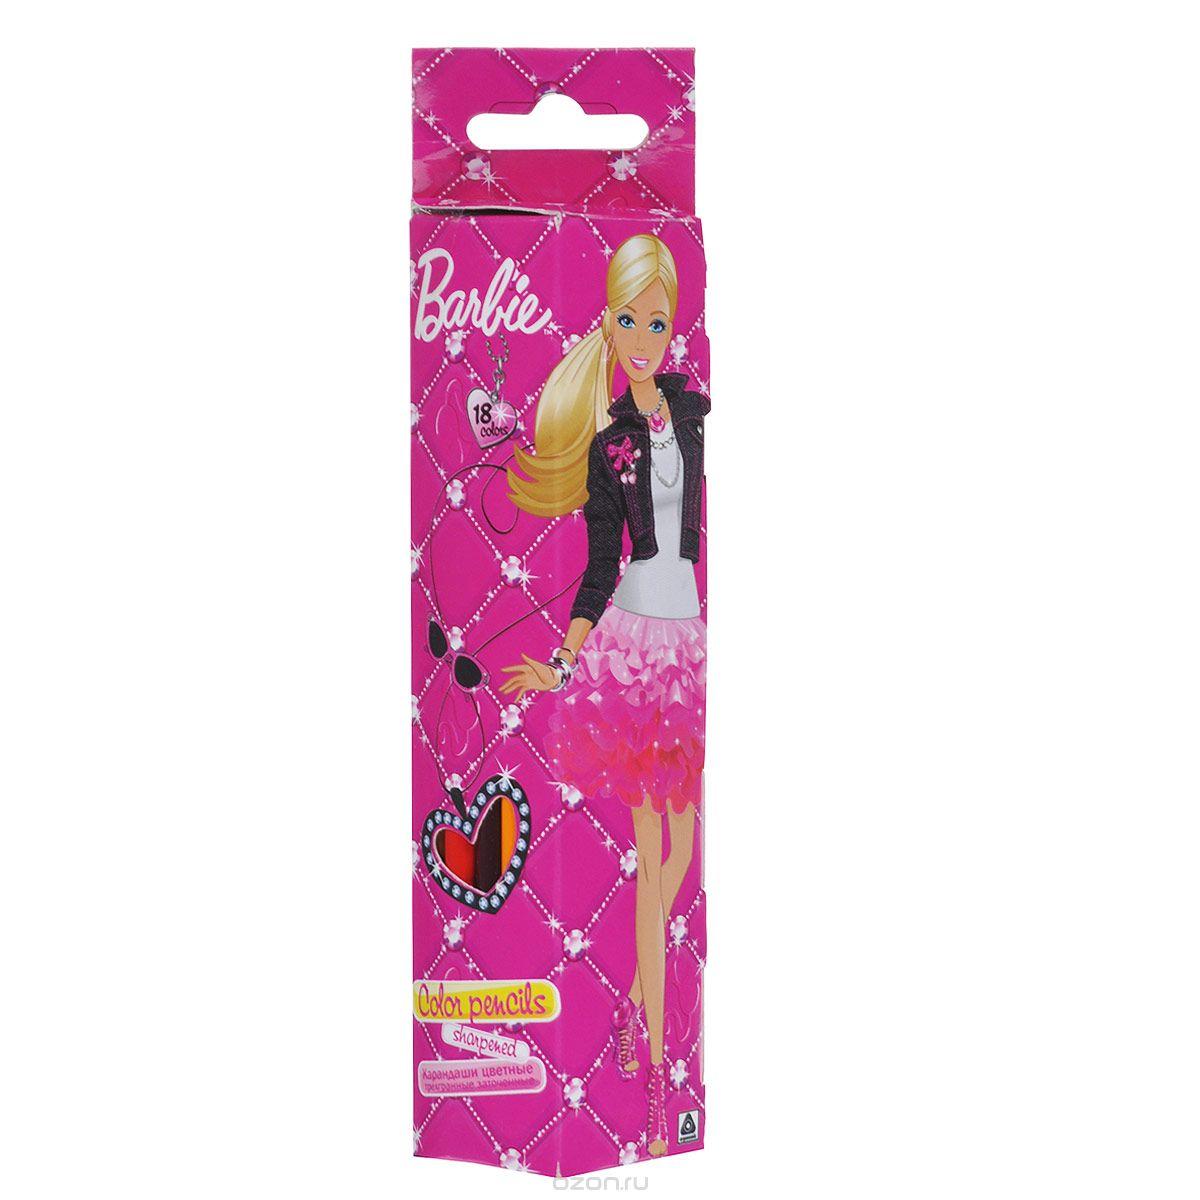 Набор цветных карандашей (треугольные), 18 шт. Цветные карандаши длиной 17,8 см; заточенные; дерево - липа; цветной грифель 2,65 мм; BarbieBRAB-US1-3P-18Качественные карандаши для маленьких принцес.